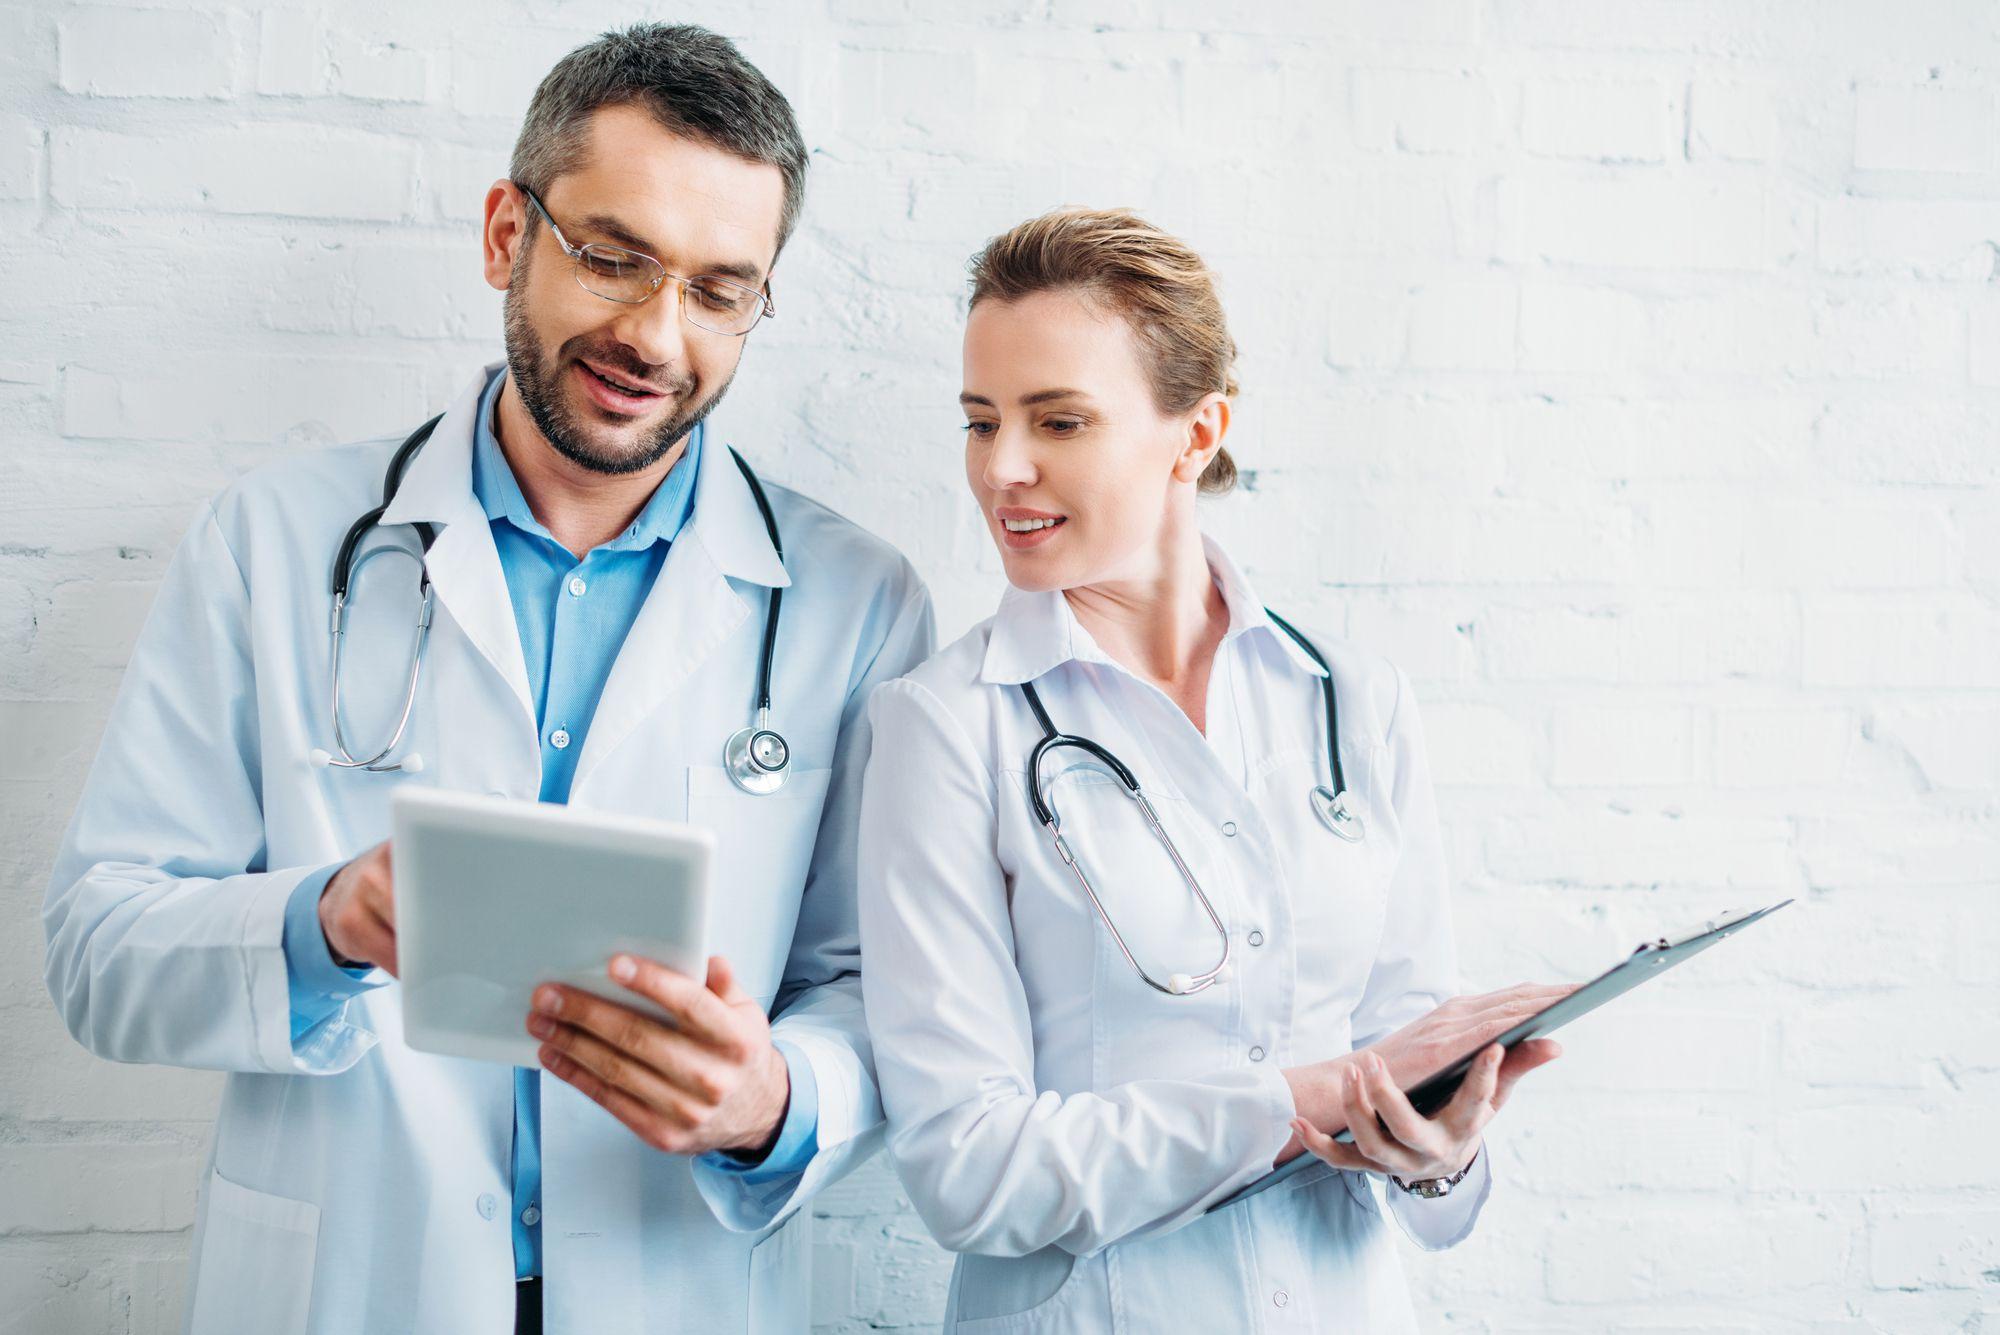 Gestão Médica: O que é, sua importância e como aplicar no consultório